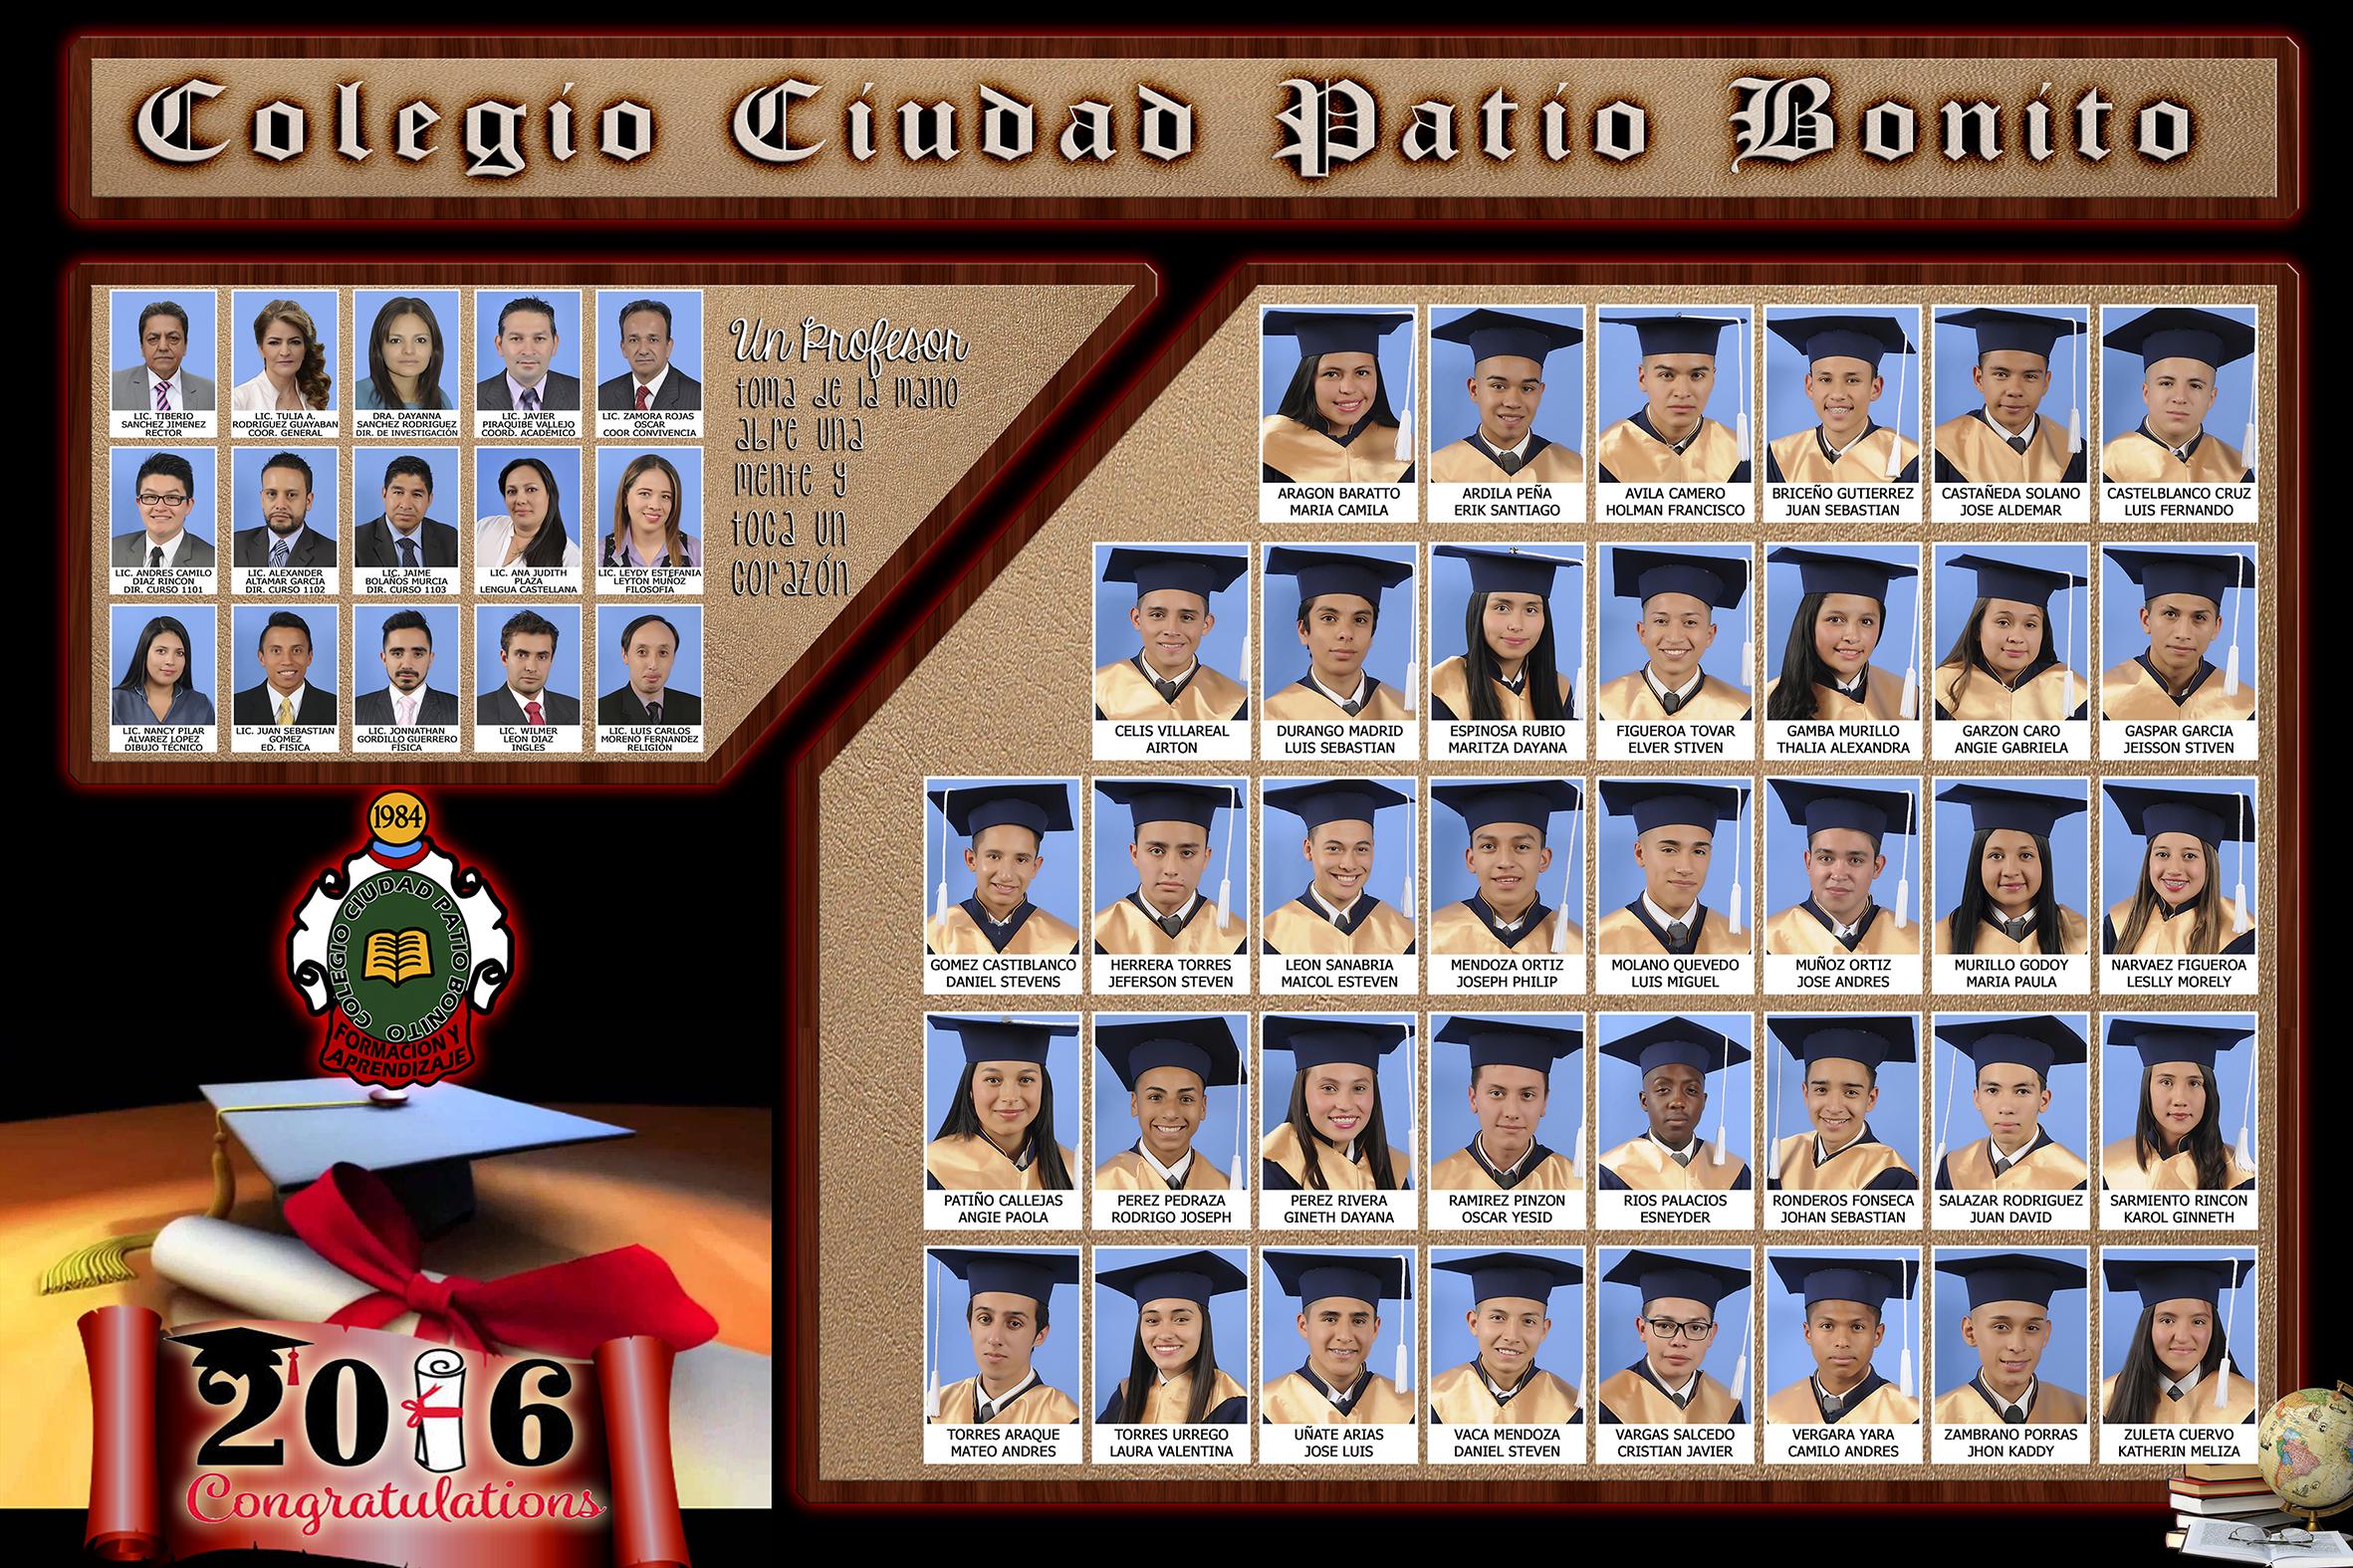 MOSAICO PATIO BONITO 2016 - 1103 - 37 COPIAS